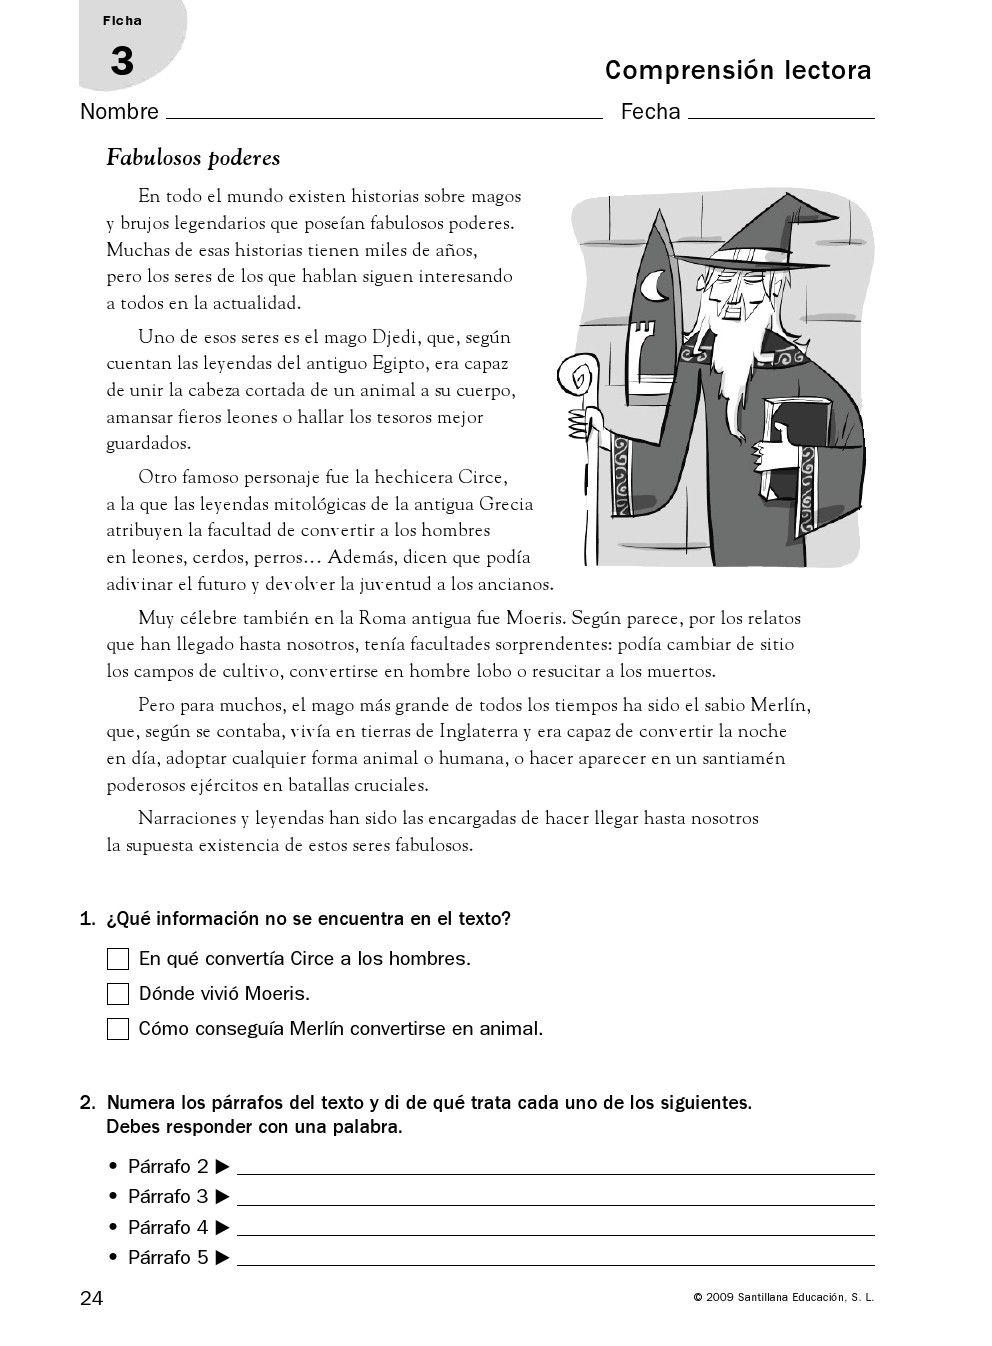 RECURSOS PRIMARIA | Fichas de comprensión lectora para 6º ...